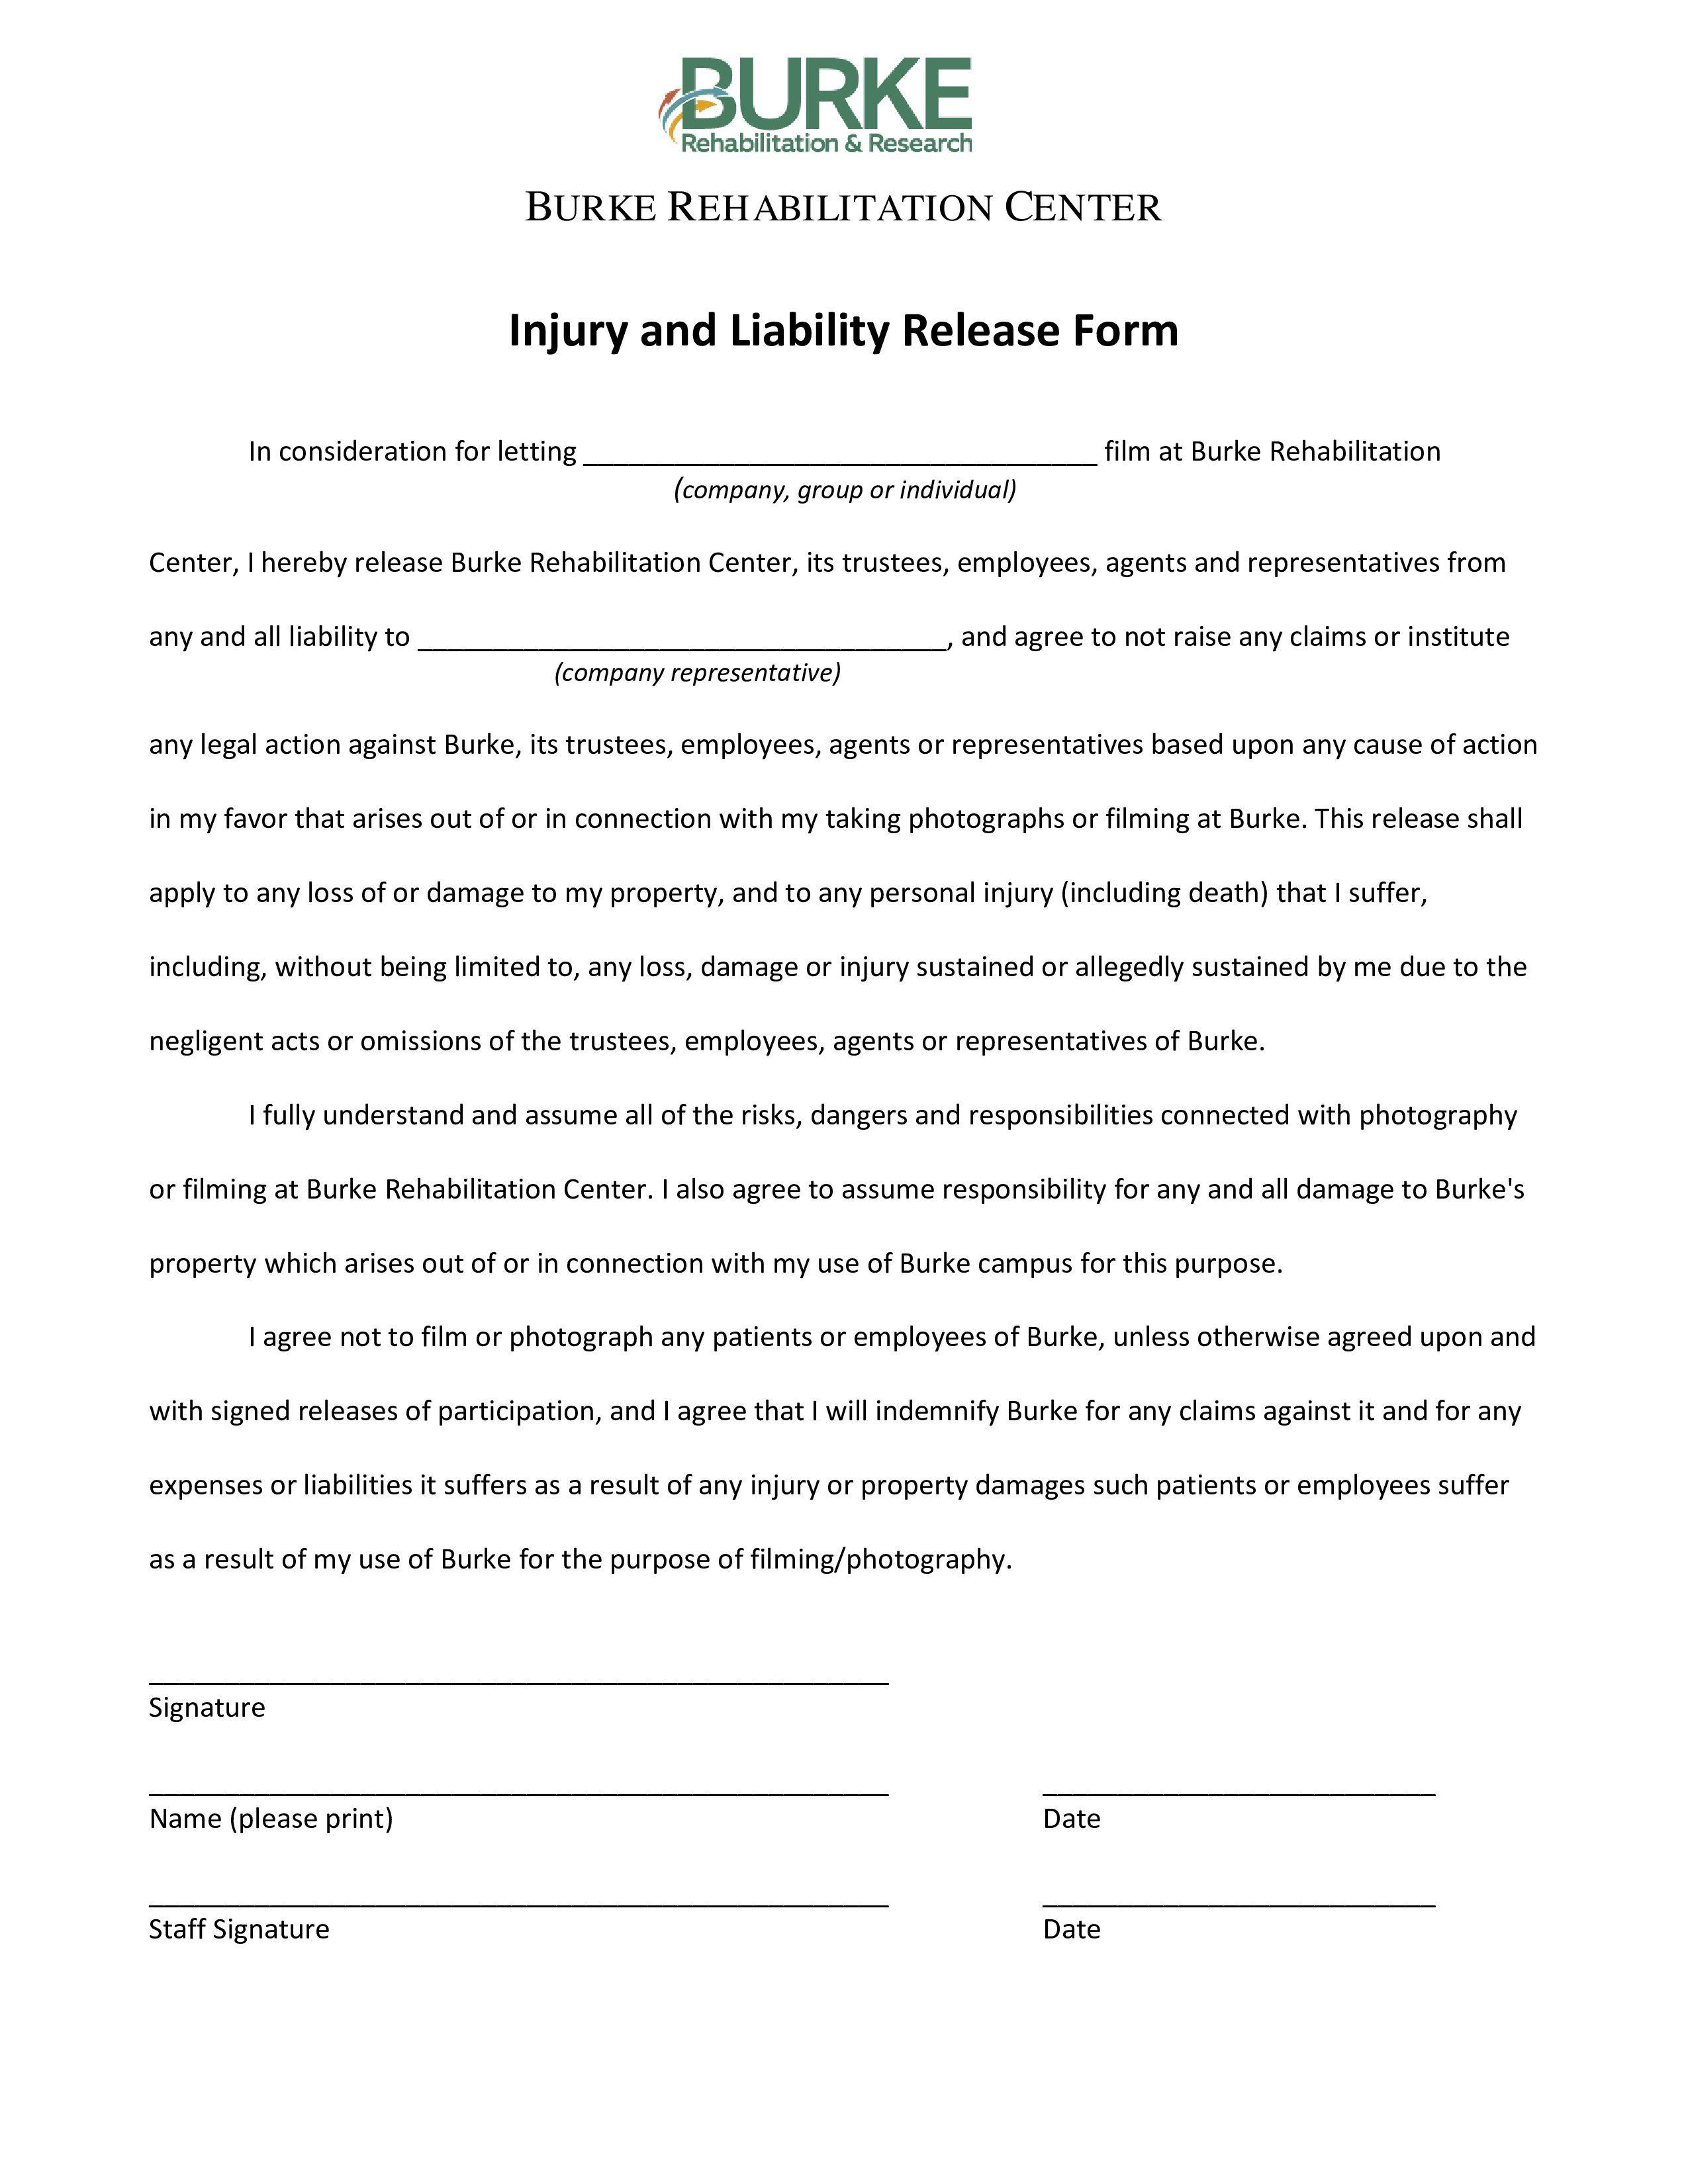 007 Breathtaking Liability Release Form Template Idea  Free GeneralFull